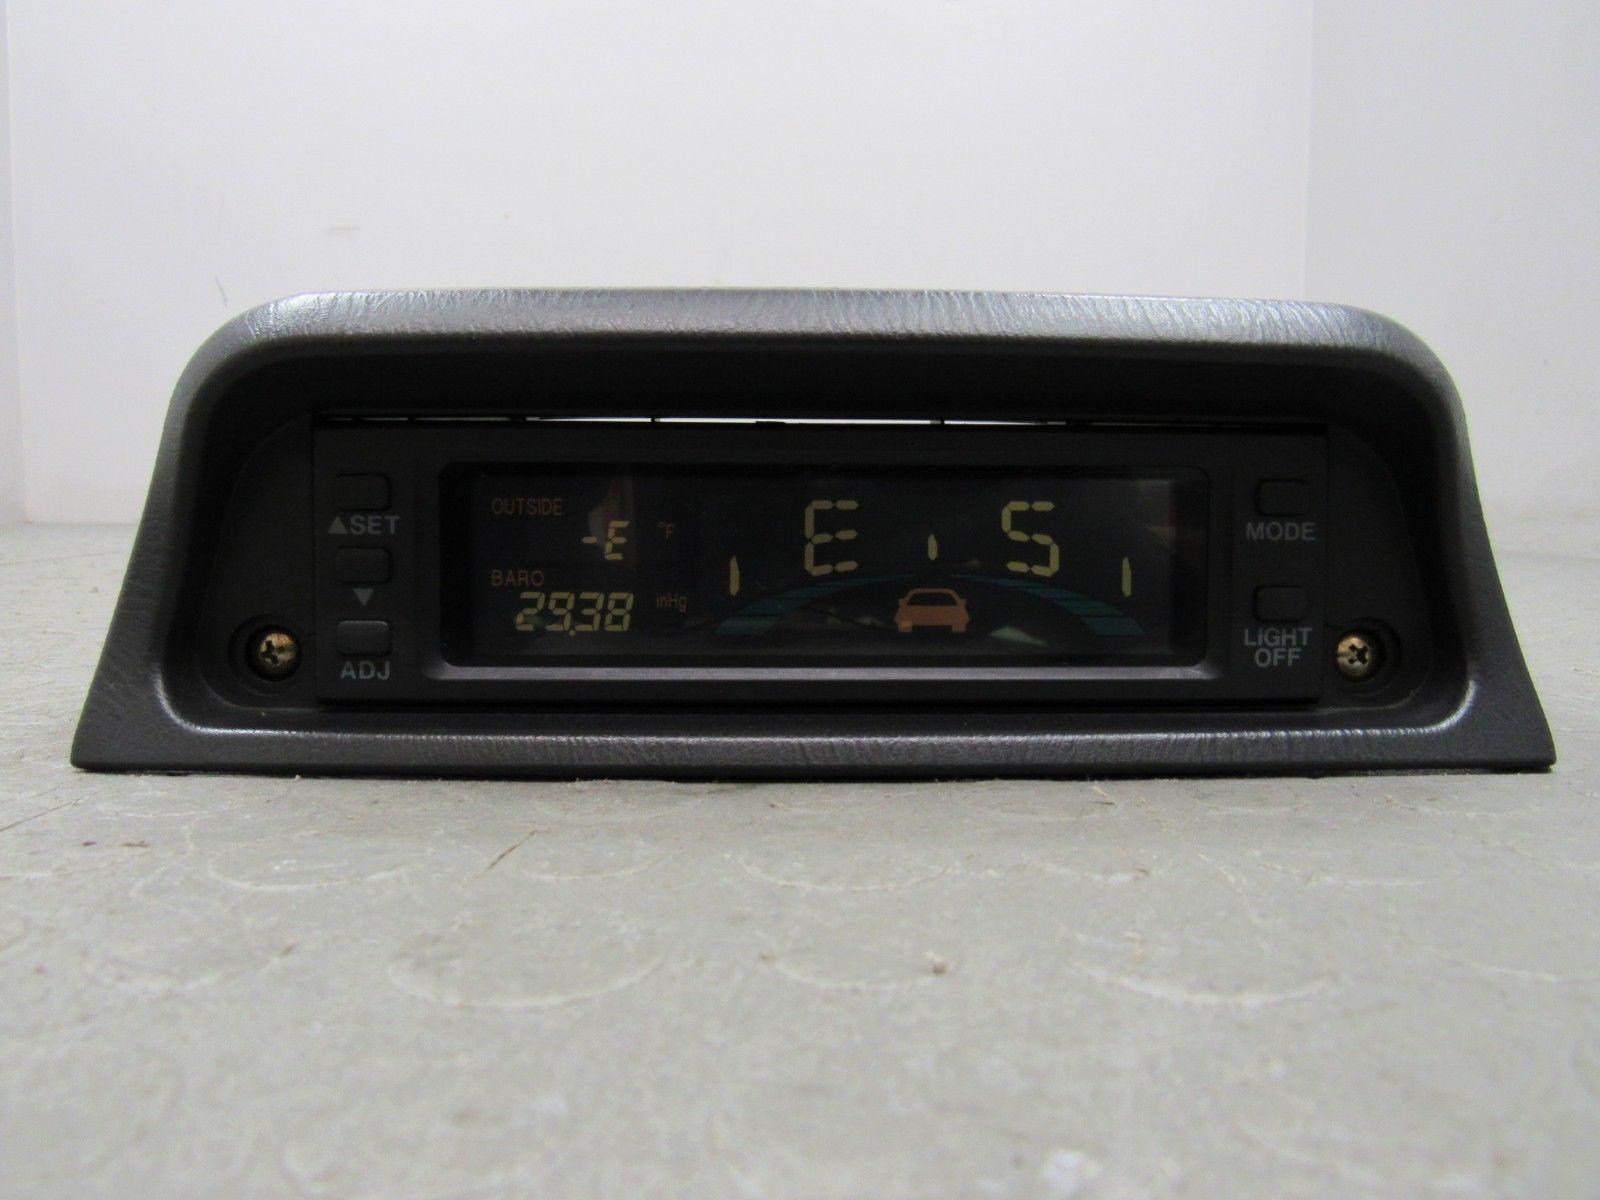 98-02 Forester / 98-01 Impreza Digital Gauge Pack Altimeter Barometer  Compass C